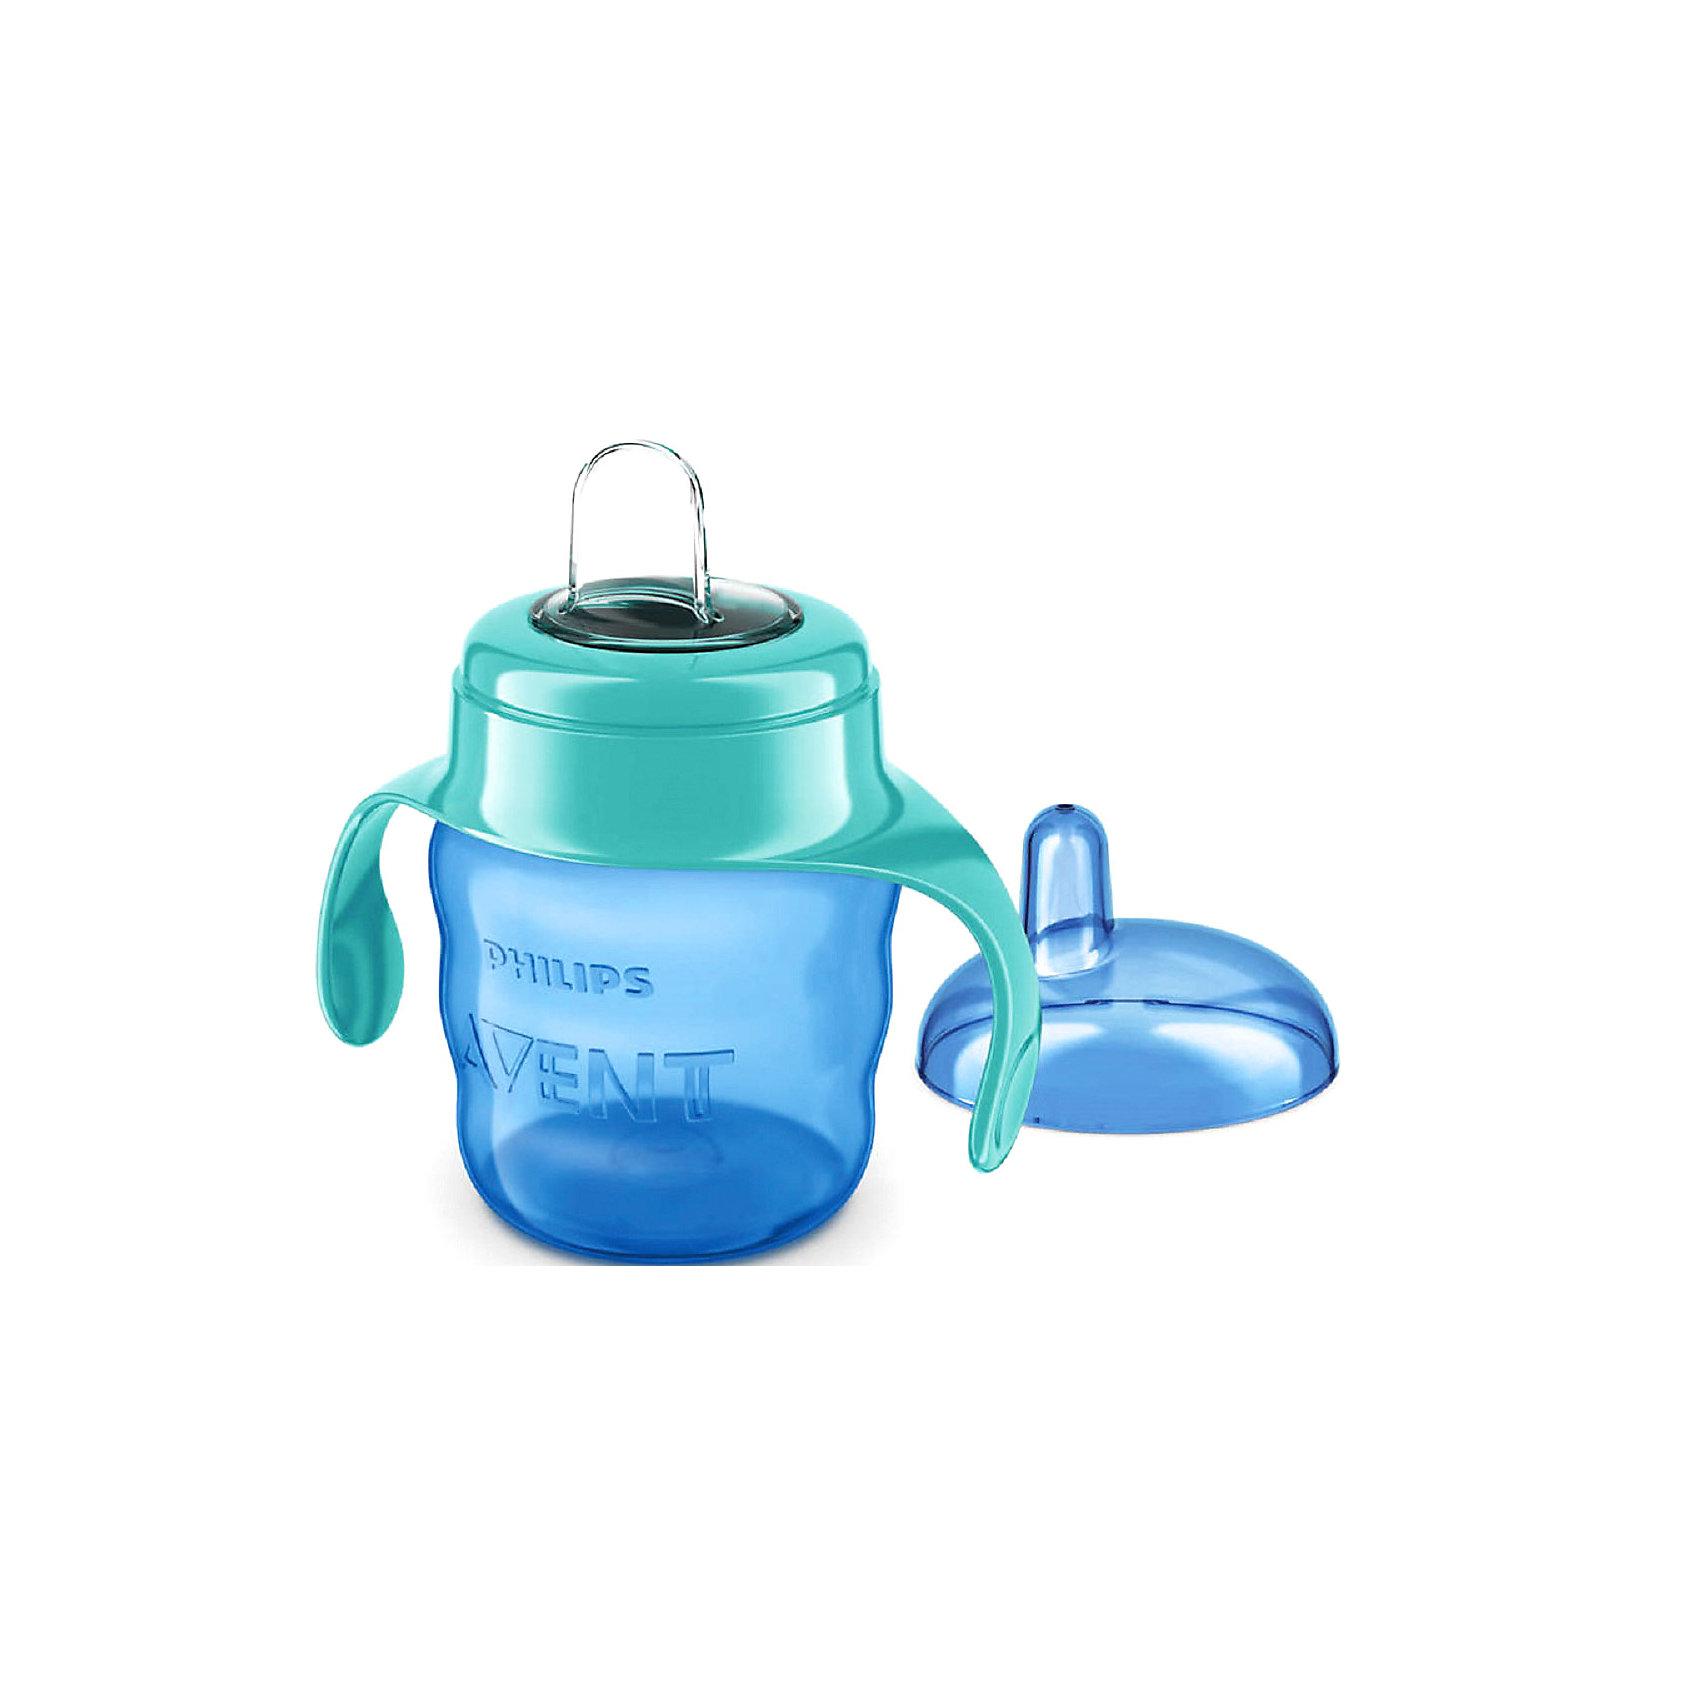 Чашка-поильник с носиком Comfort, 200 мл, Avent, голубой/зеленыйПоильники<br>Чашка-поильник с носиком Comfort - идеальный вариант для уже подросших малышей! Форма контейнера чашки, разработанная специально для маленьких ручек, обеспечивает удобный захват. Мягкий гибкий силиконовый носик защищает нежные десны малыша. Клапан встроен в носик, что ускоряет и облегчает сборку. Поильник изготовлен из  высококачественных экологичных материалов, абсолютно безопасных для детей.<br><br>Дополнительная информация:<br><br>- Материал: пластик, силикон.<br>- Не содержит бисфенол-А.<br>- Объем: 200 мл.<br>- Цвет: голубой/зеленый.<br>- Эргономичная форма. <br>- Мягкий гибкий силиконовый носик.<br>- Удобные ручки.<br><br>Чашку-поильник с носиком Comfort, 200 мл, Avent (Авент), голубой/зеленый можно купить в нашем магазине.<br><br>Ширина мм: 68<br>Глубина мм: 111<br>Высота мм: 164<br>Вес г: 85<br>Цвет: зеленый<br>Возраст от месяцев: 6<br>Возраст до месяцев: 36<br>Пол: Унисекс<br>Возраст: Детский<br>SKU: 4207805